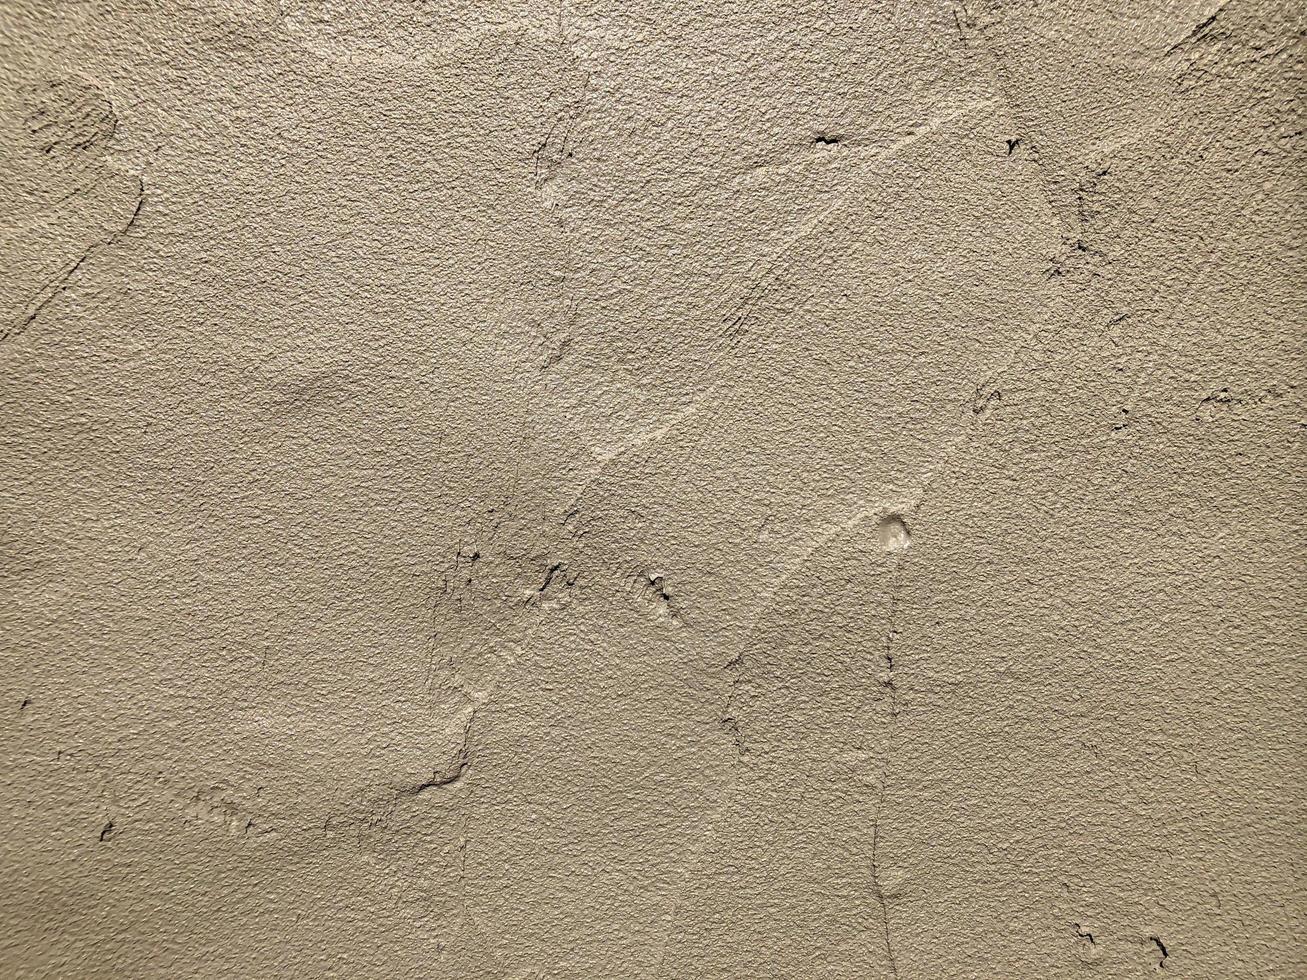 sfondo texture di cemento foto